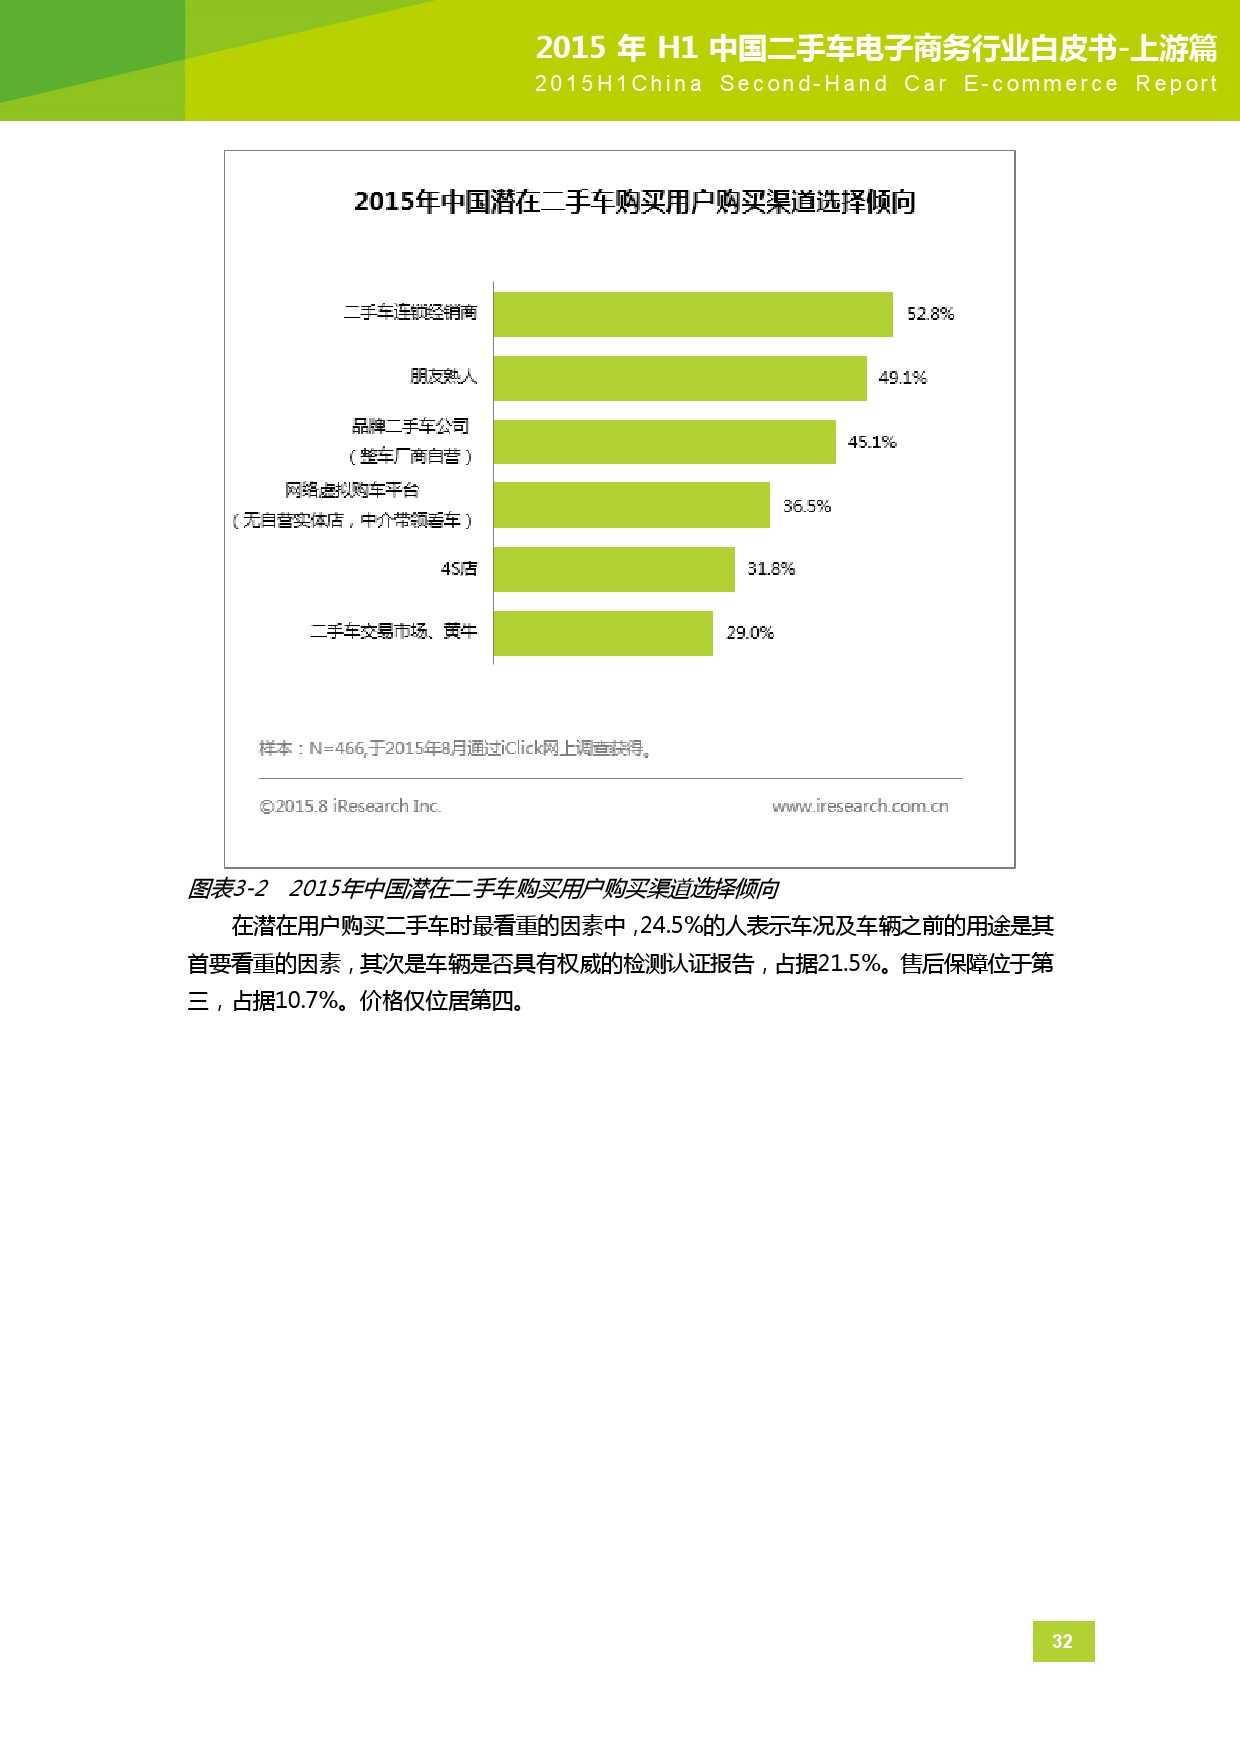 2015年中国二手车电子商务行业白皮书-上游篇_000033